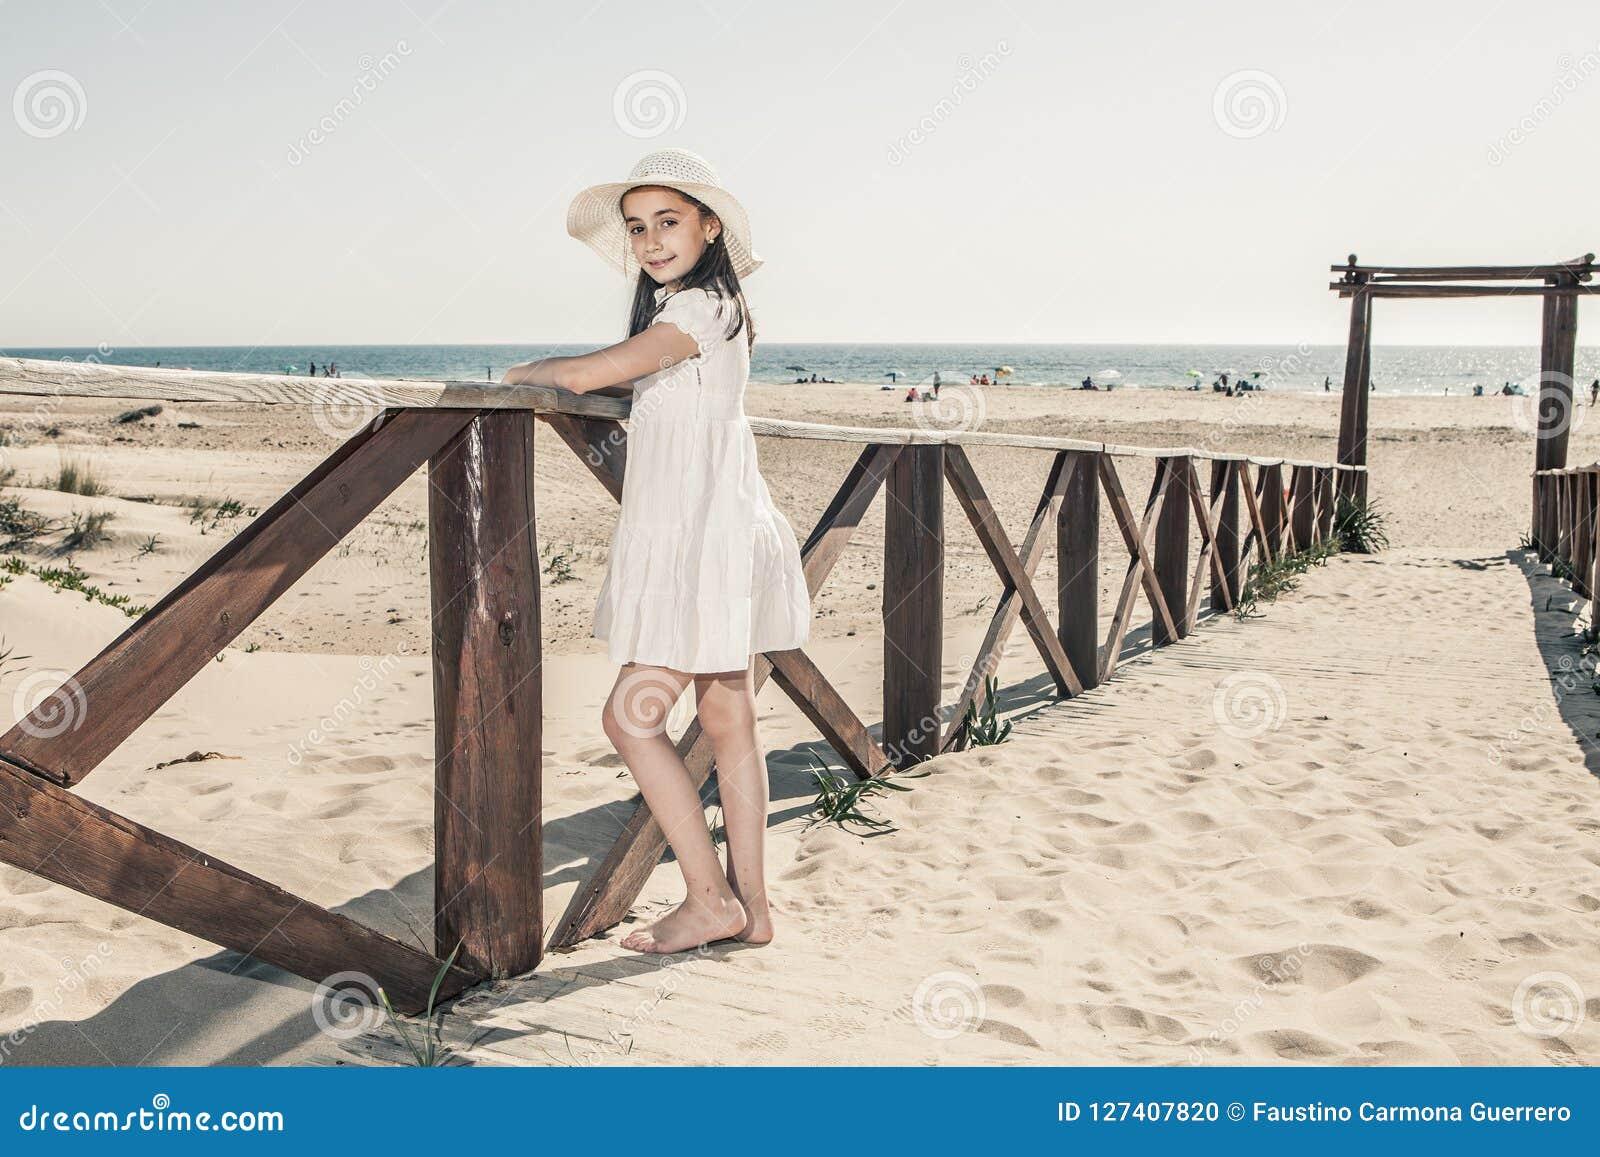 Niña con el sombrero que se inclina contra la verja de madera en la playa